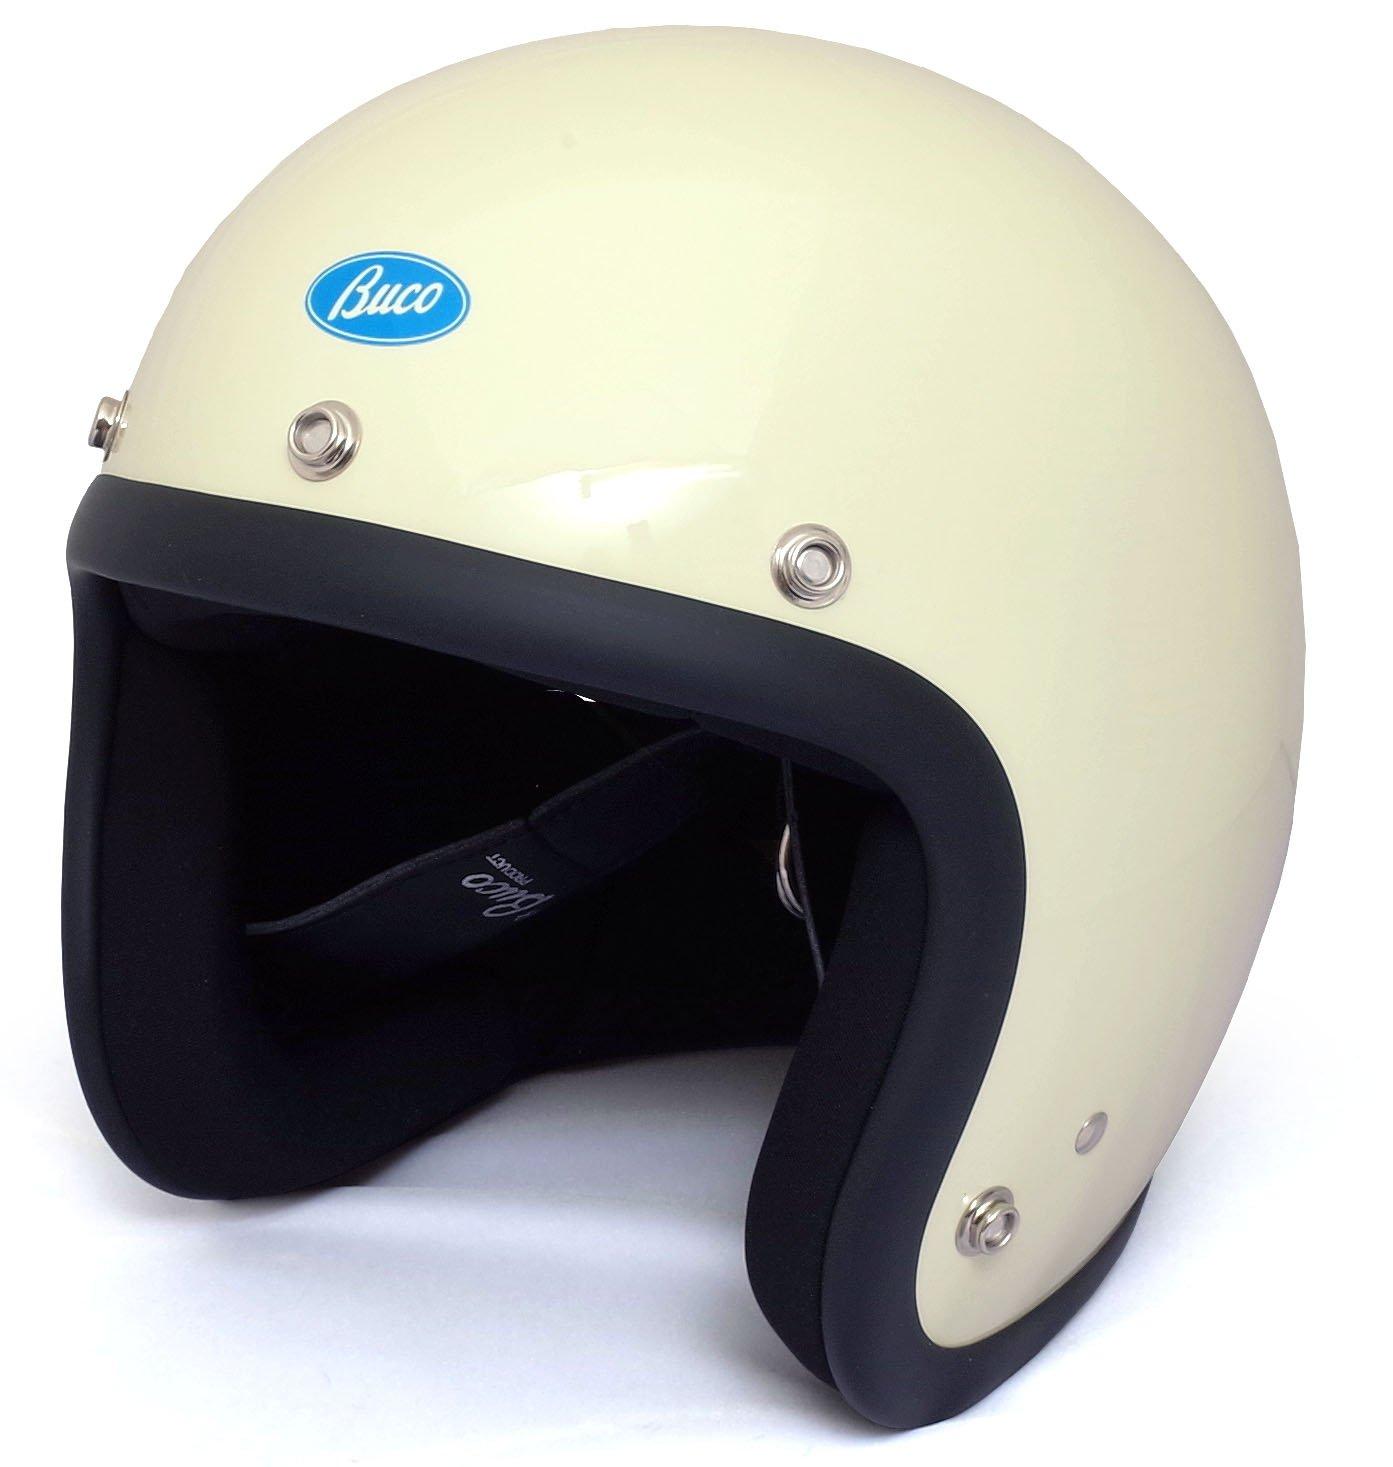 BUCO EXTRA BUCO 70's スタイル プレーン モデル ジェットヘルメット B07CWSP56G XL アイボリーホワイト アイボリーホワイト XL